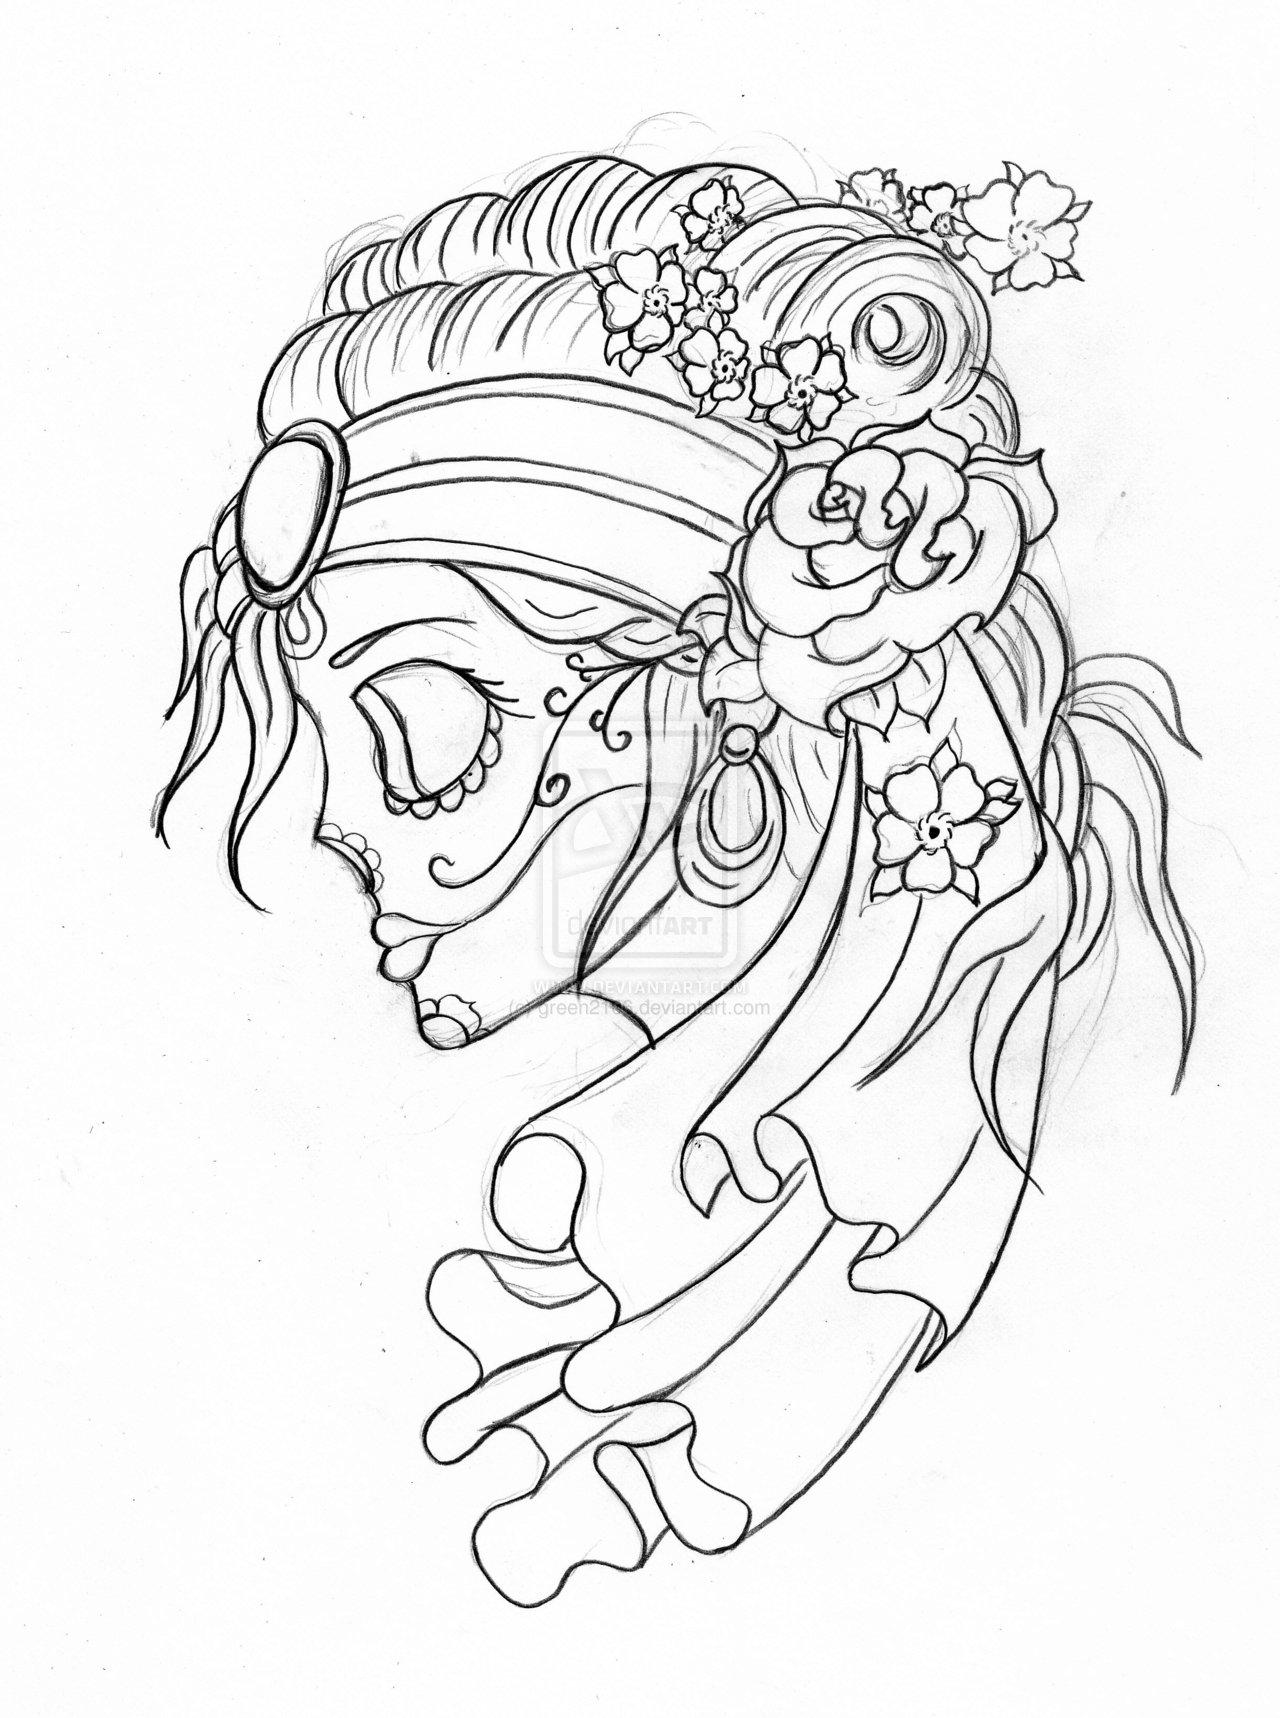 1280x1718 Roman Tattoo Artist Biomechanical, Half Skull Half Face Tattoo Tumblr